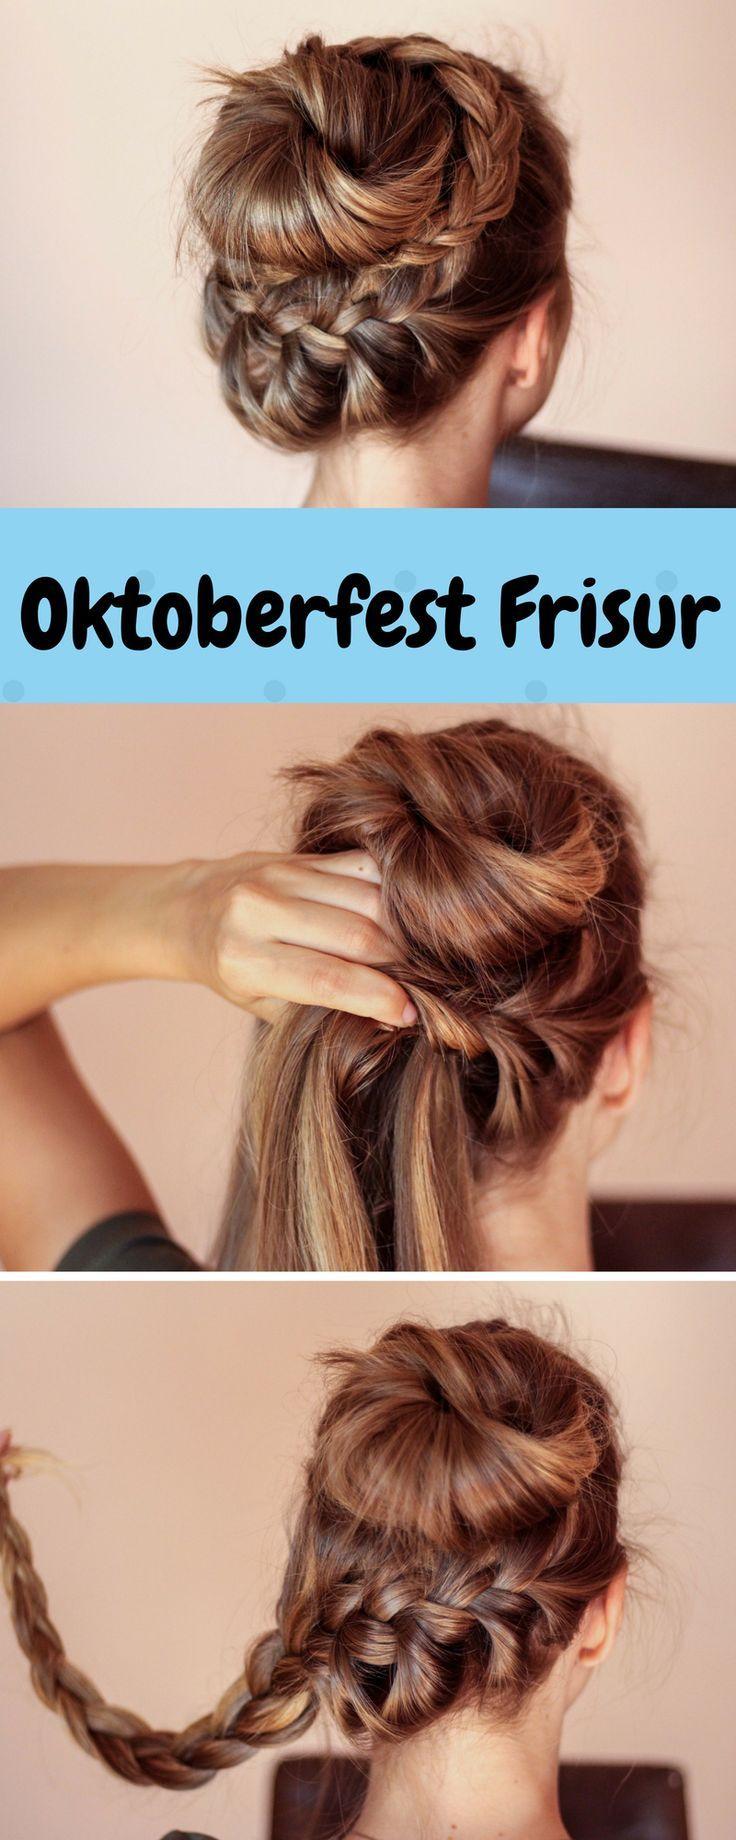 Dirndl-Frisuren fürs Oktoberfest und andere Anlässe #girlhairstyles